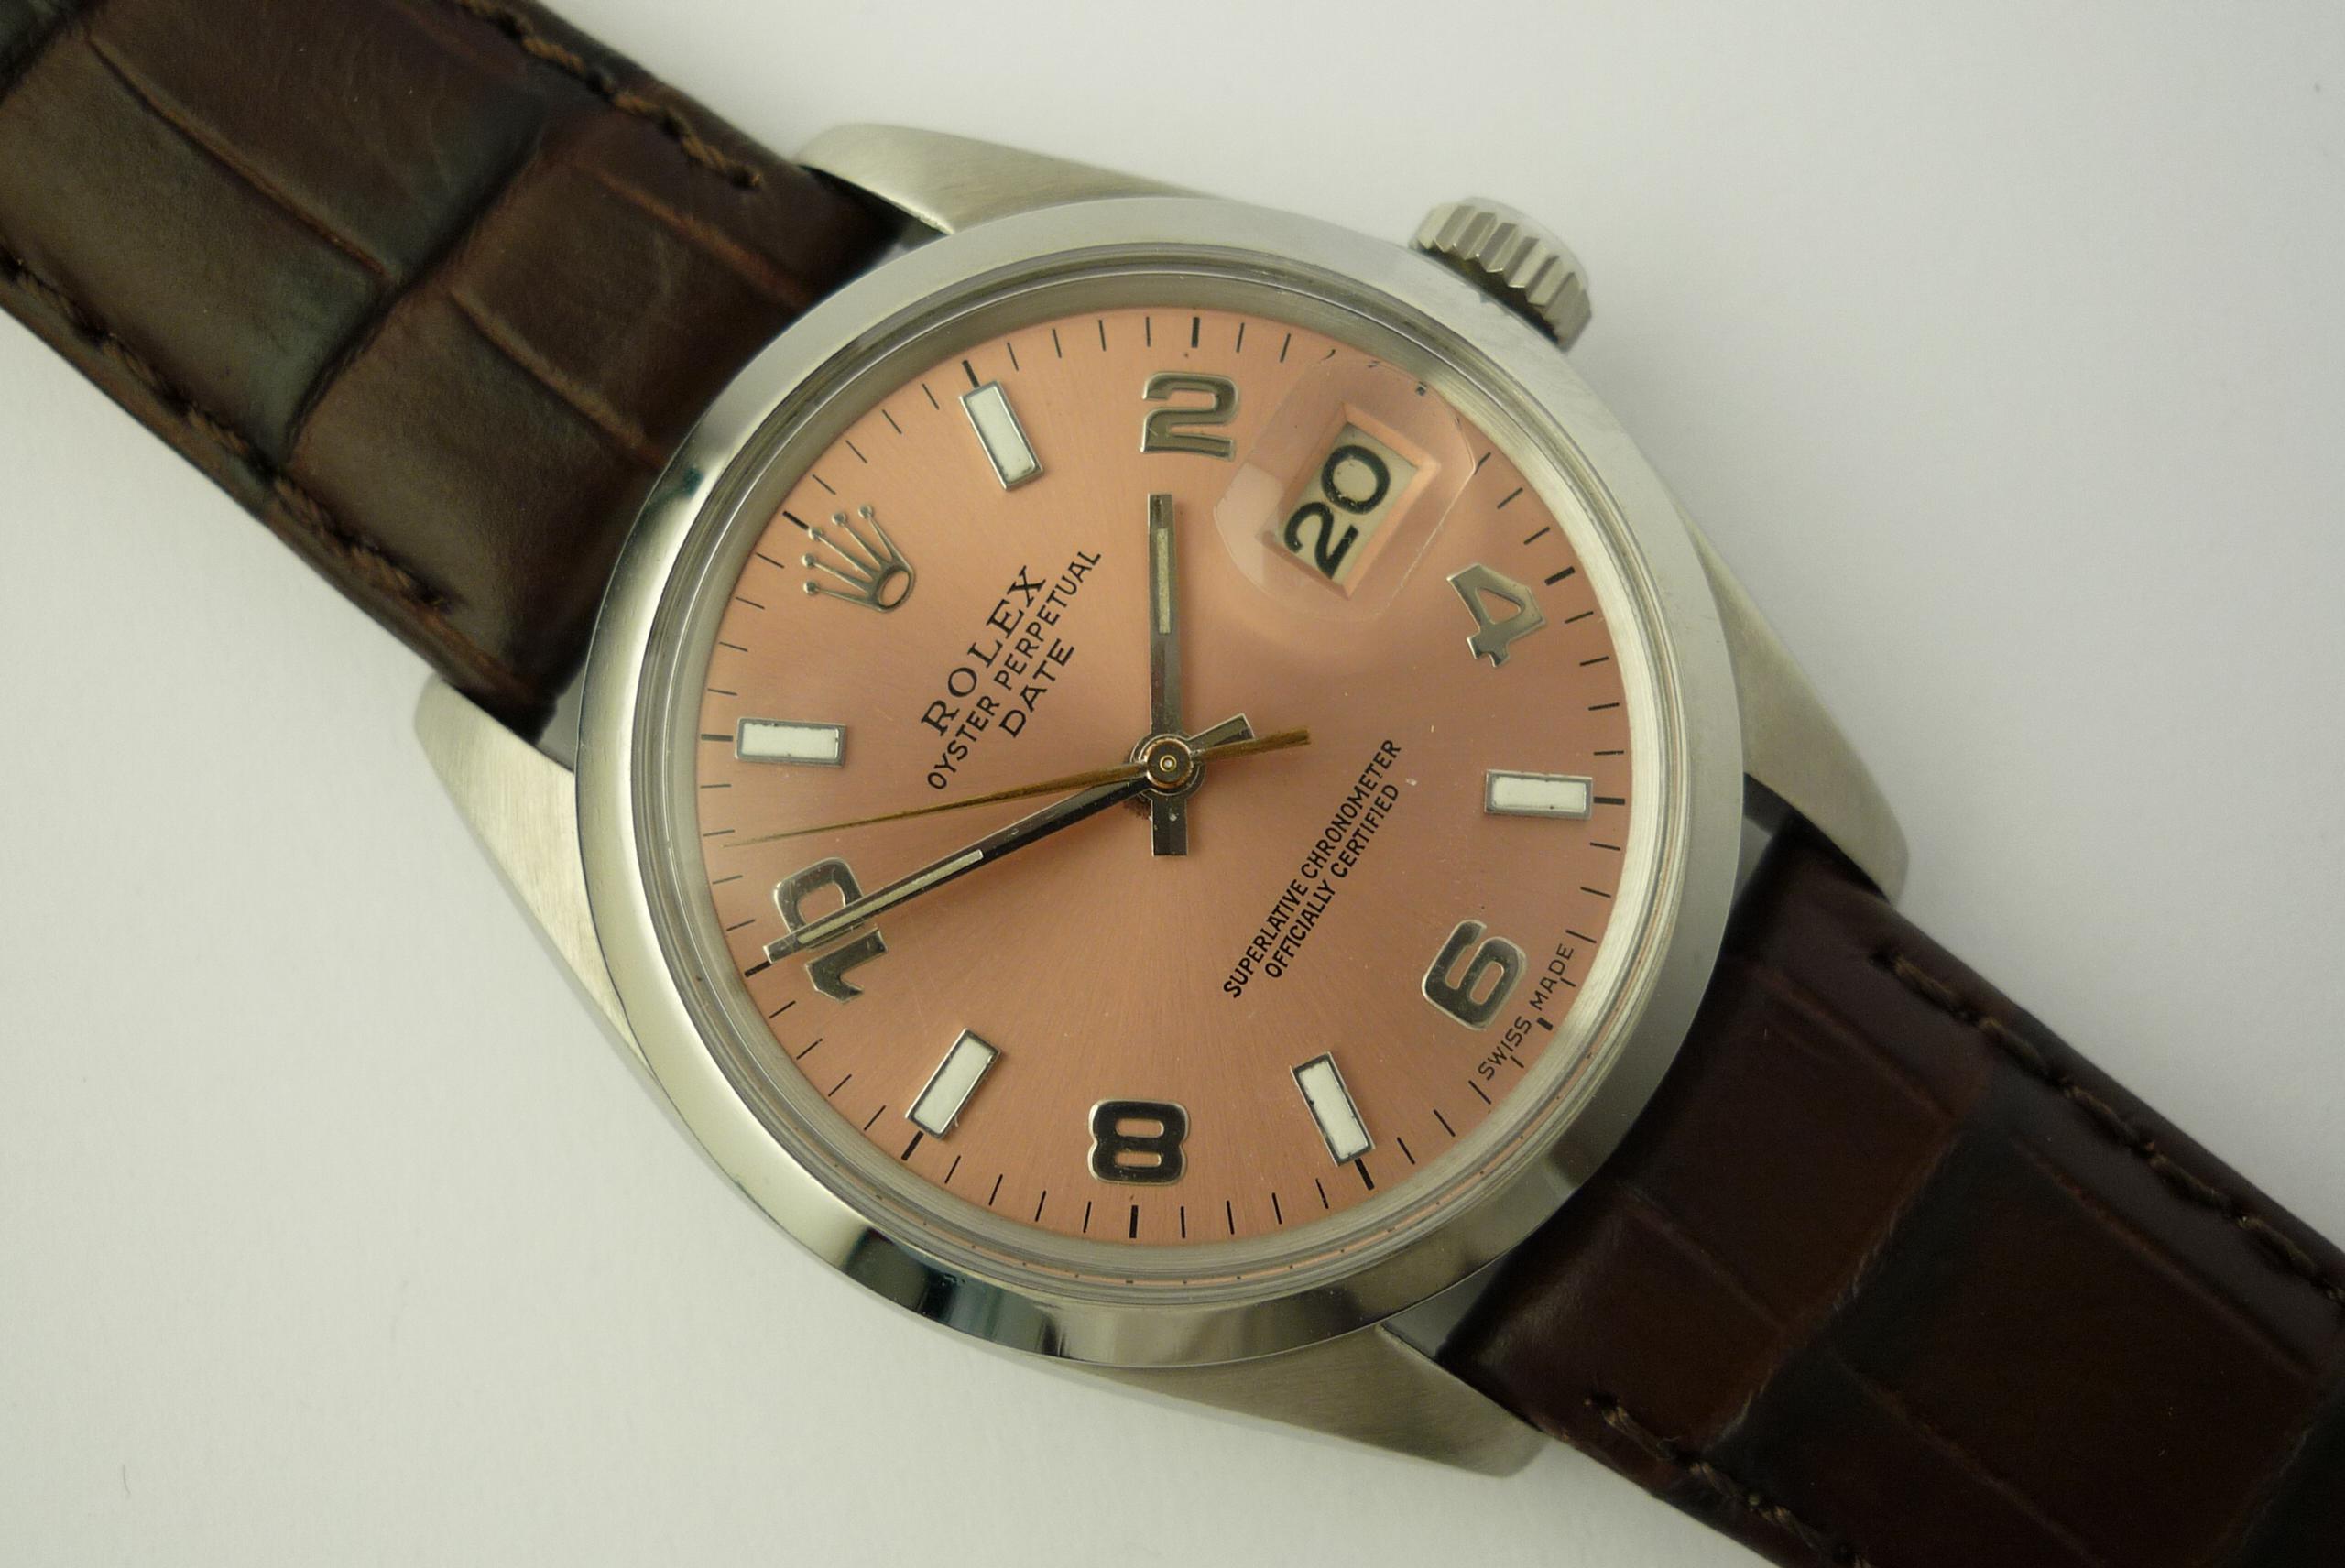 Rolex Oyster Perpetual Date ref 1500 (1967).